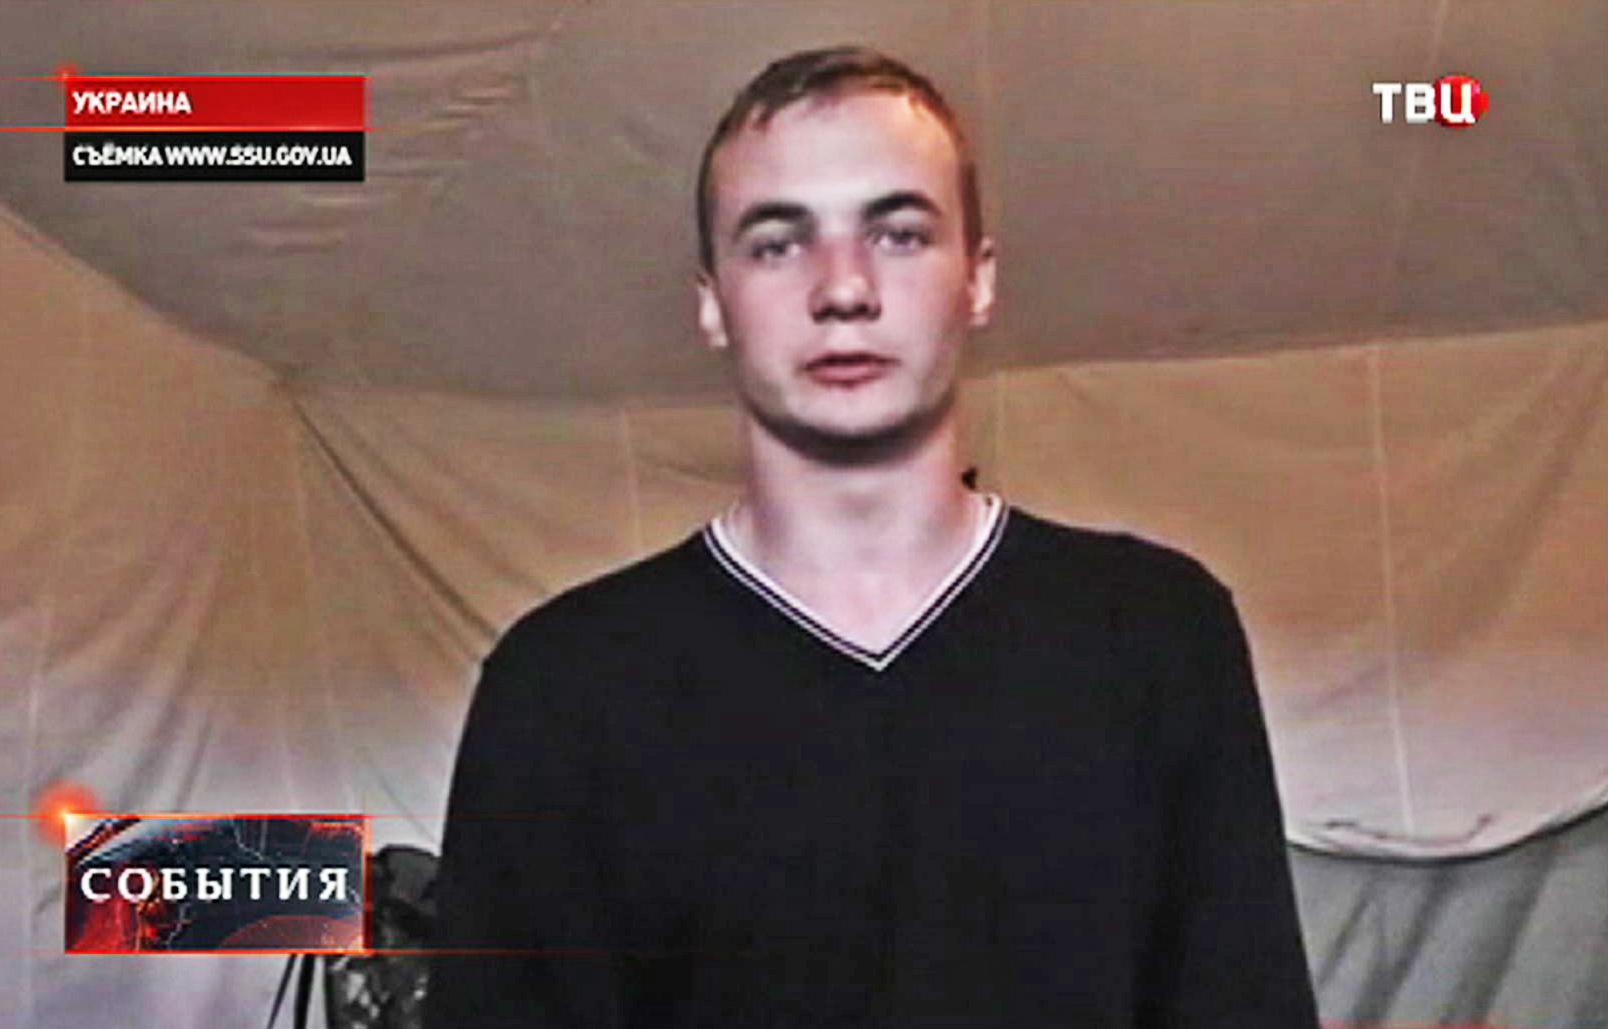 Задержанный СБУ житель Курска Николай Крылов